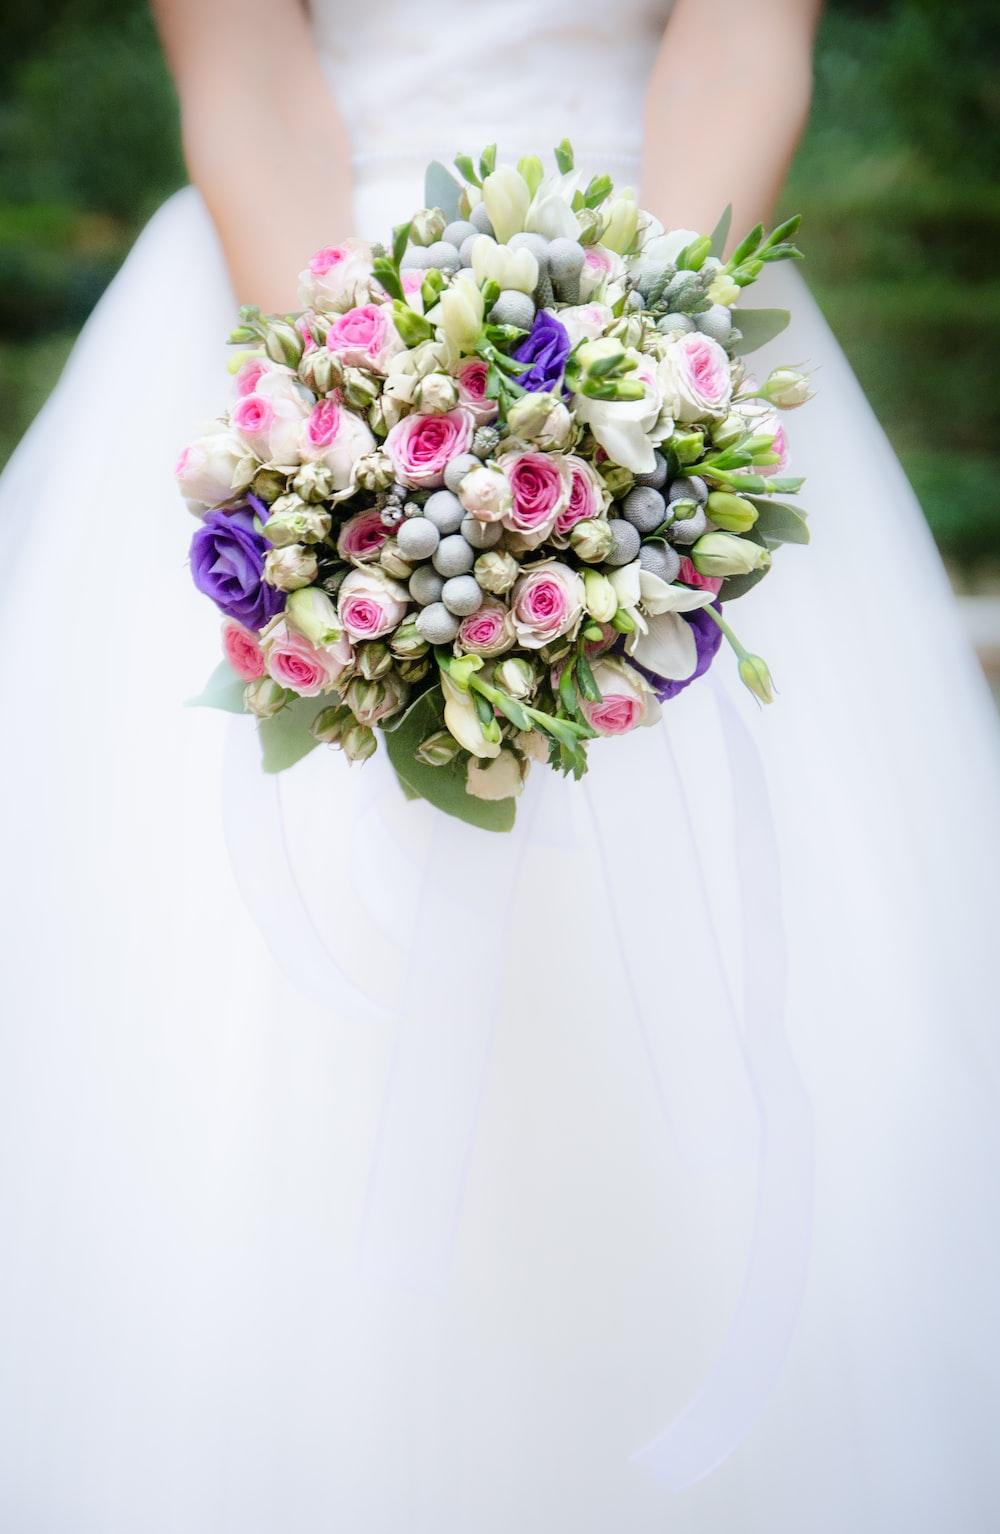 Bride with a regal bouquet photo by Beatriz Pérez Moya ...